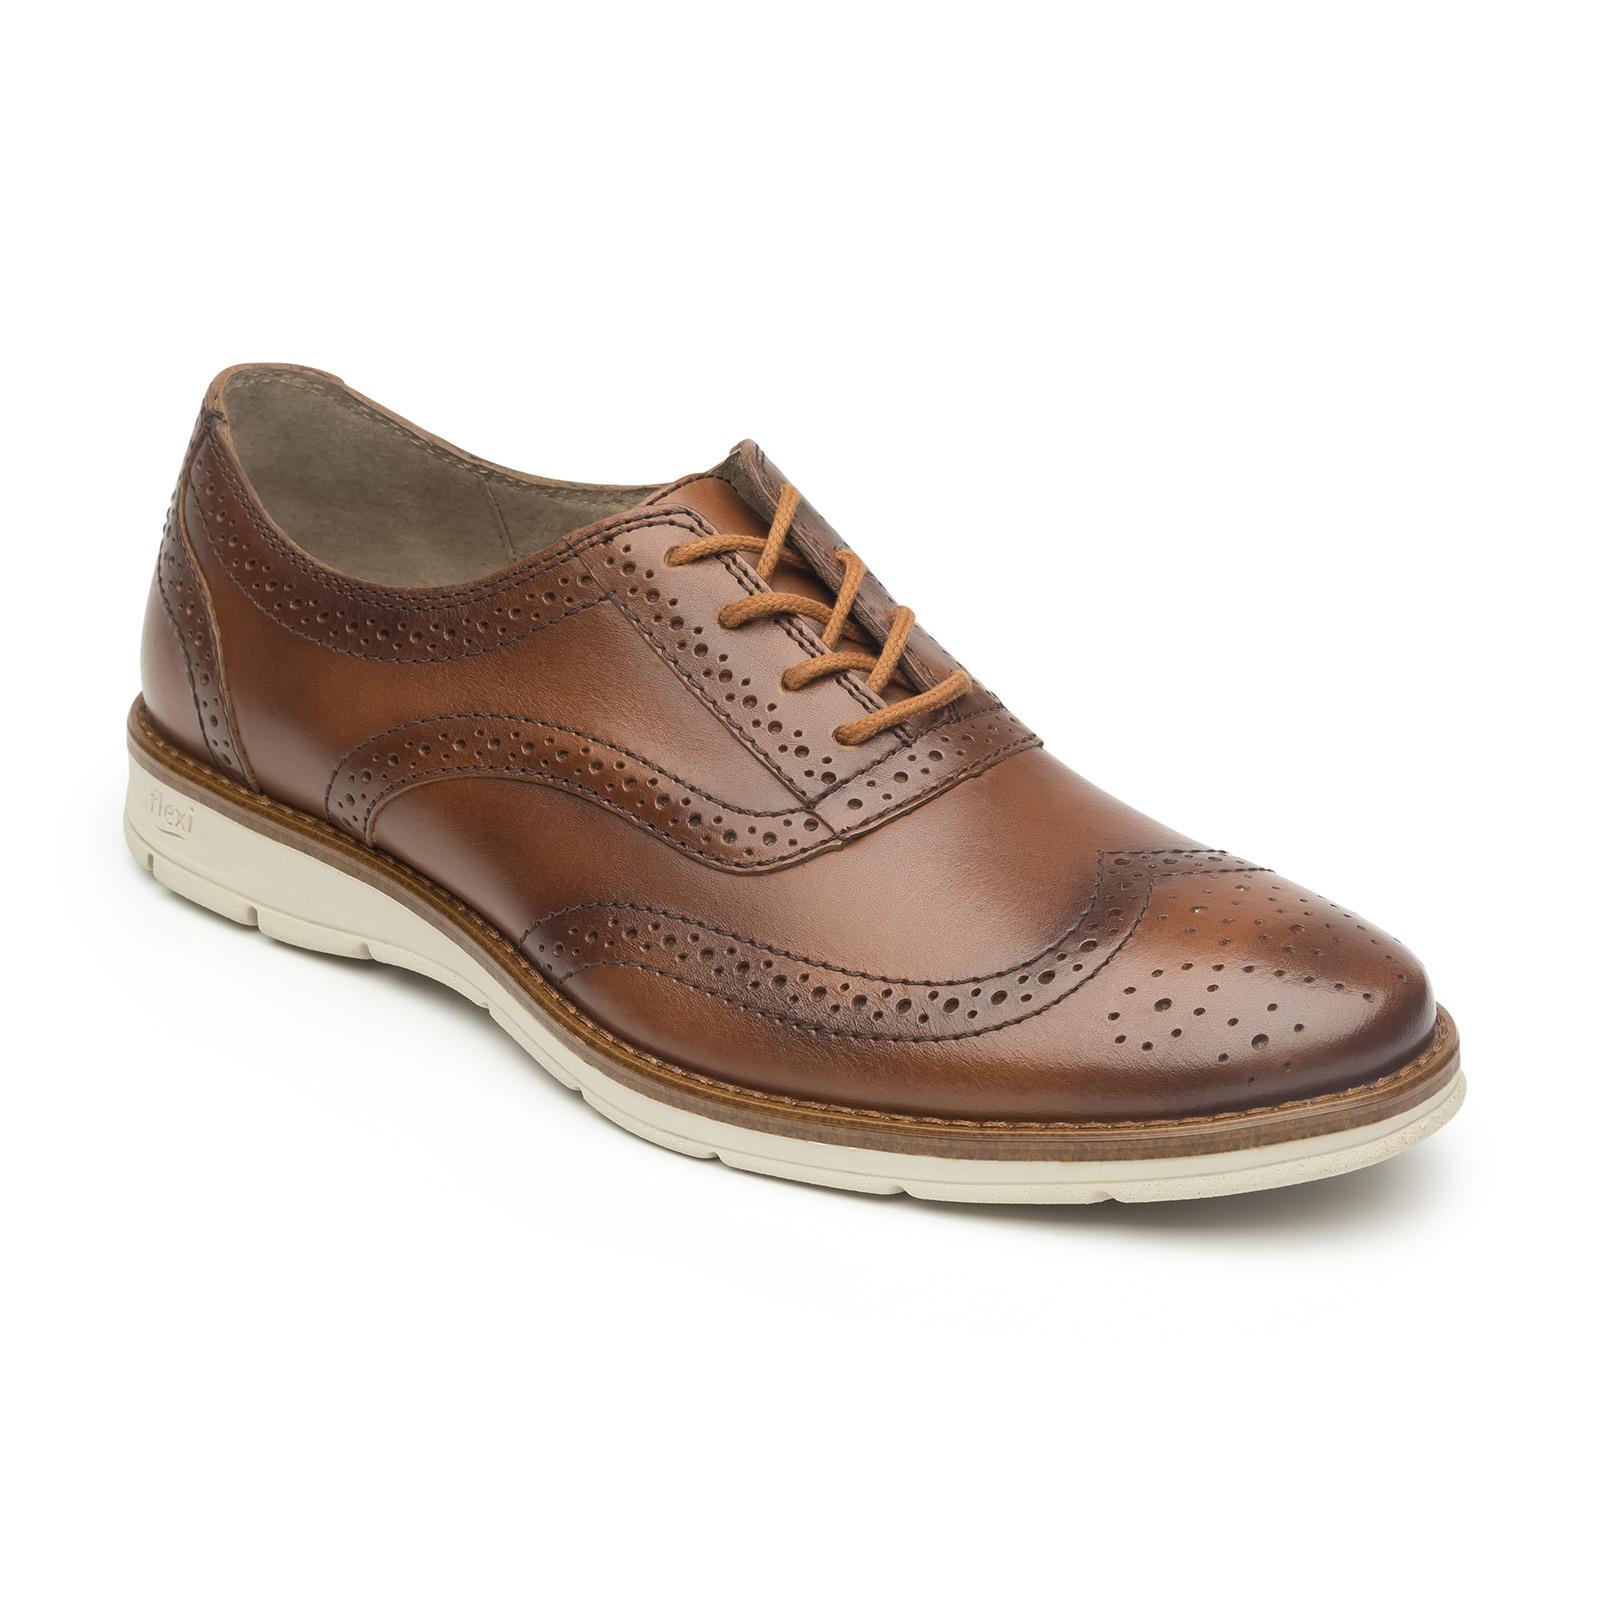 Caballero México Zapaterías Zapatos Para Flexi BgUOq